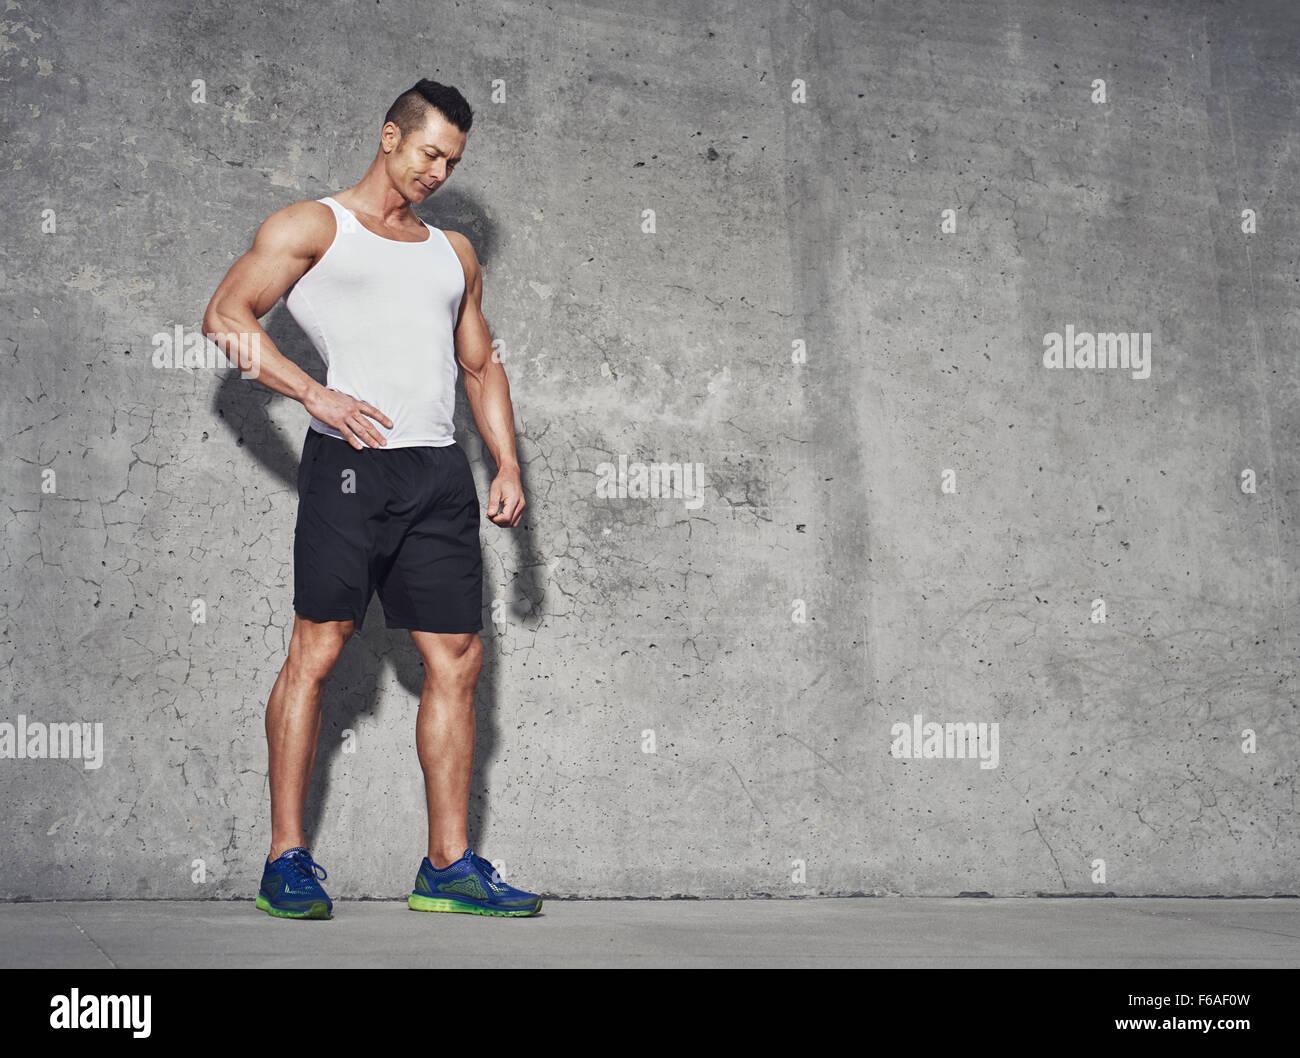 Remise en forme dans le modèle homme débardeur blanc relaxant après l'entraînement. arrière Photo Stock